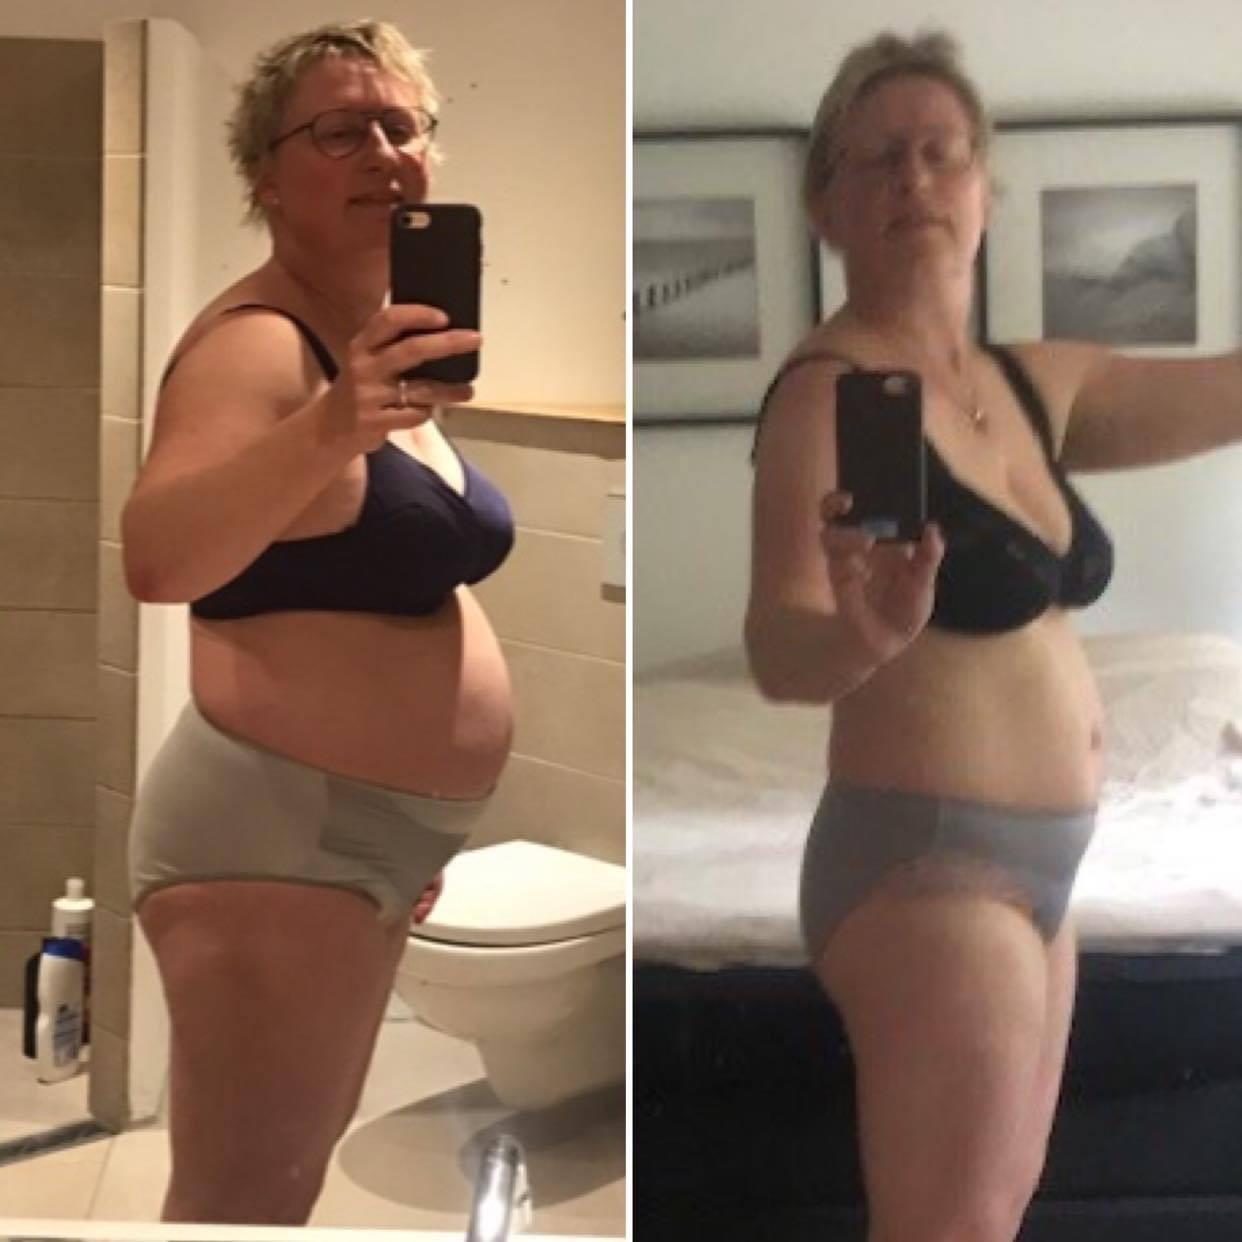 Før- og efterbillede af Susanne har tabt 15 kilo på vægttabsforløbet